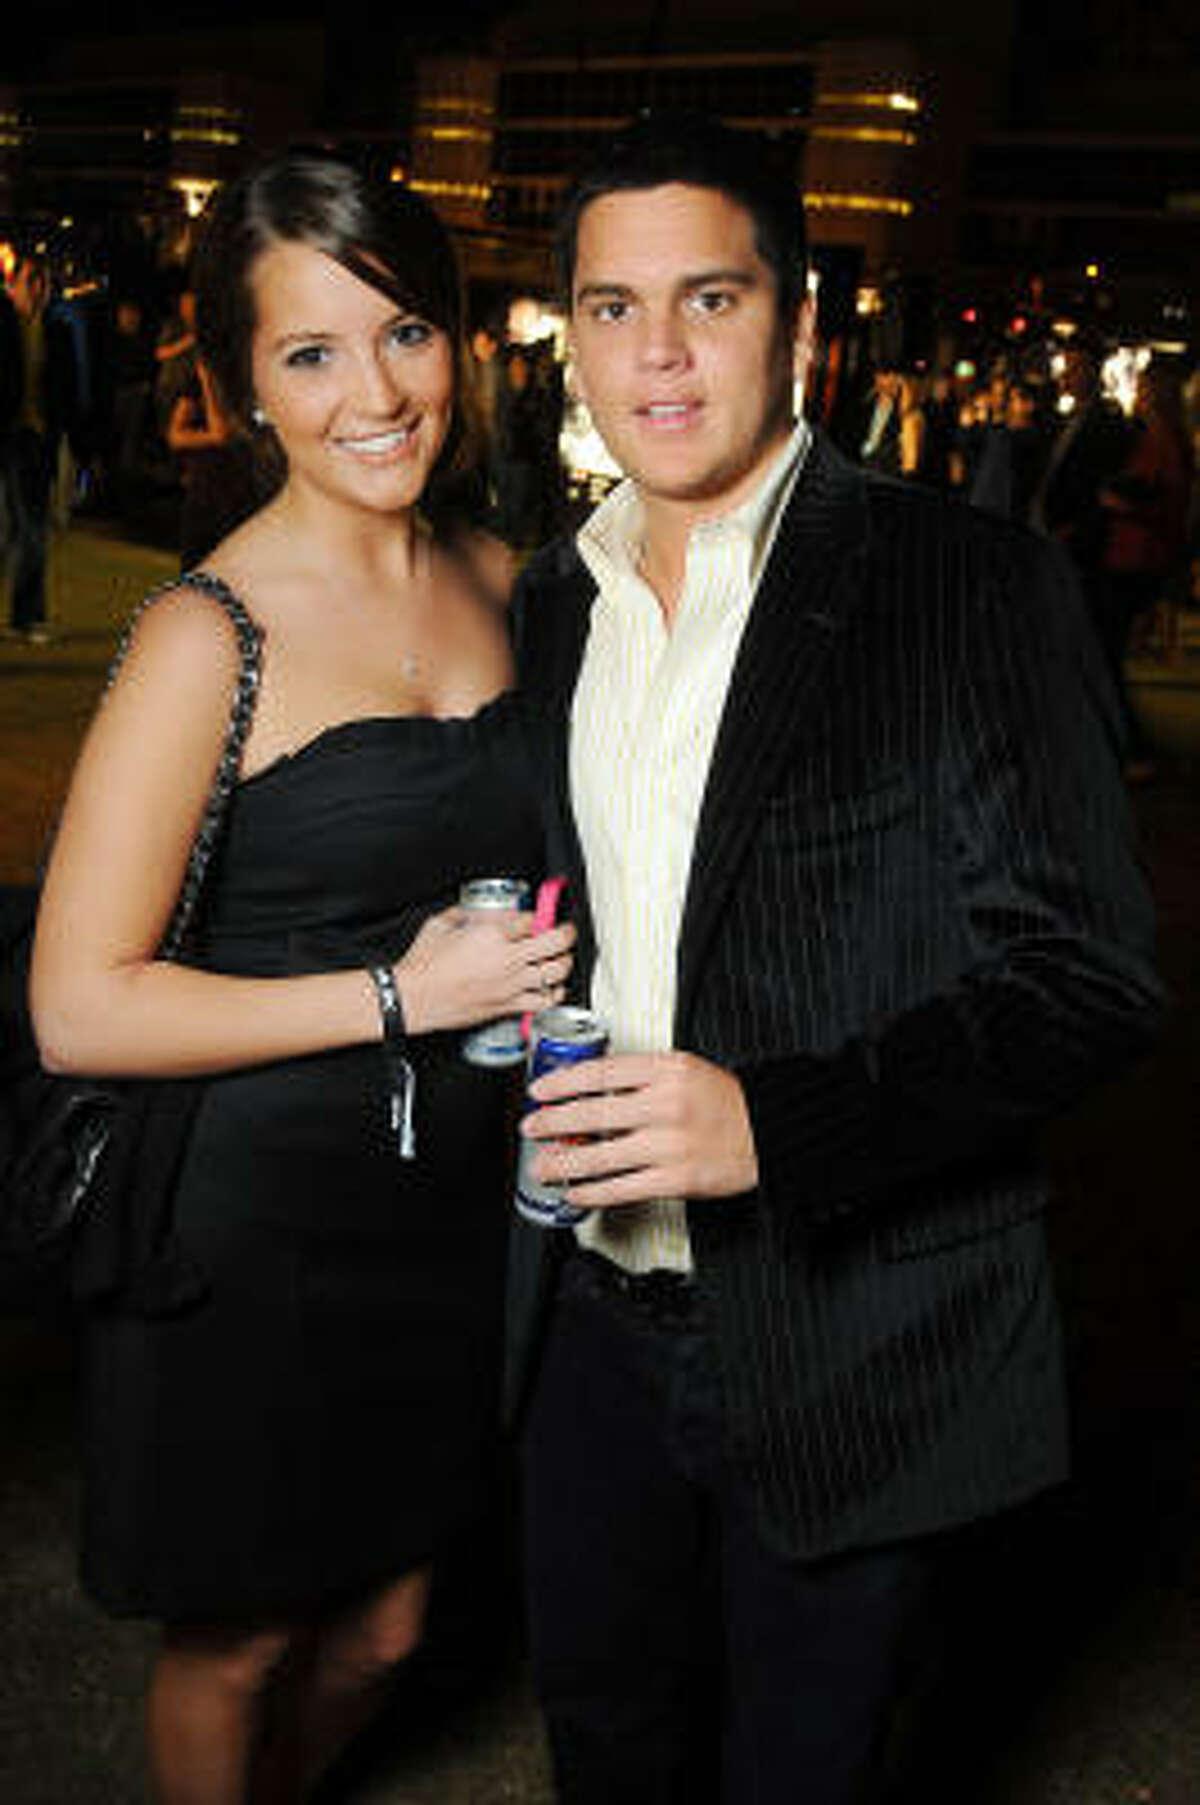 Brittany Orlando and Luis Deorbegoso